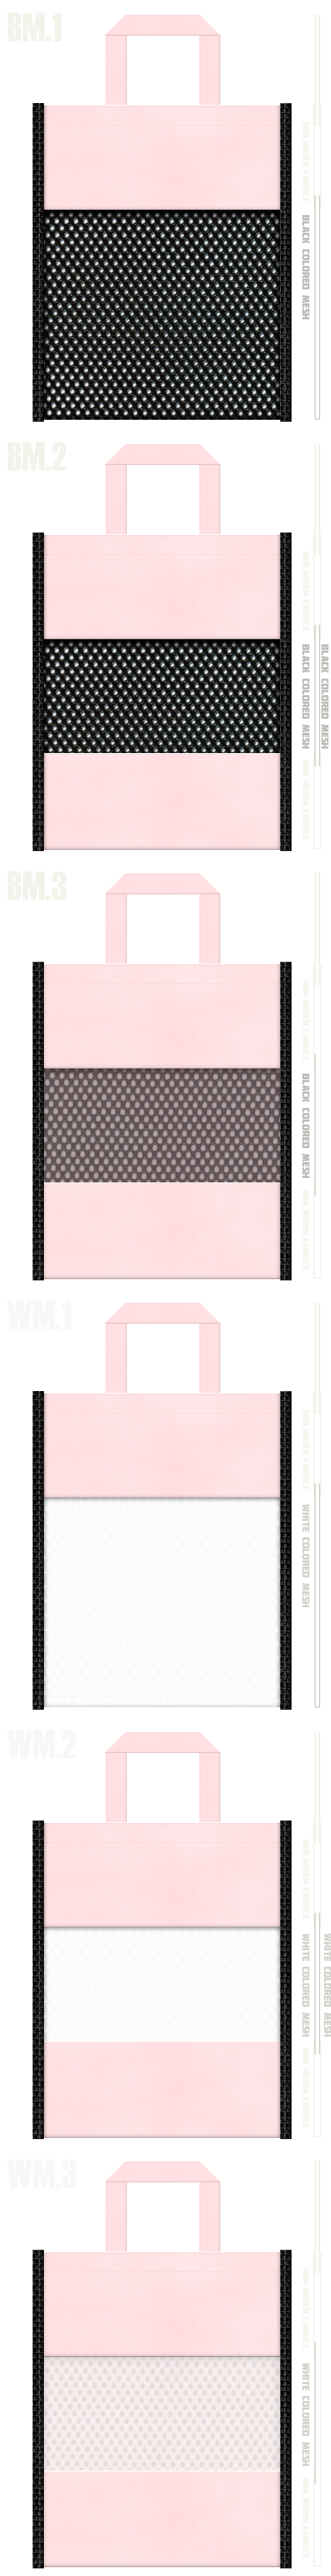 フラットタイプのメッシュバッグのカラーシミュレーション:黒色・白色メッシュと桜色不織布の組み合わせ